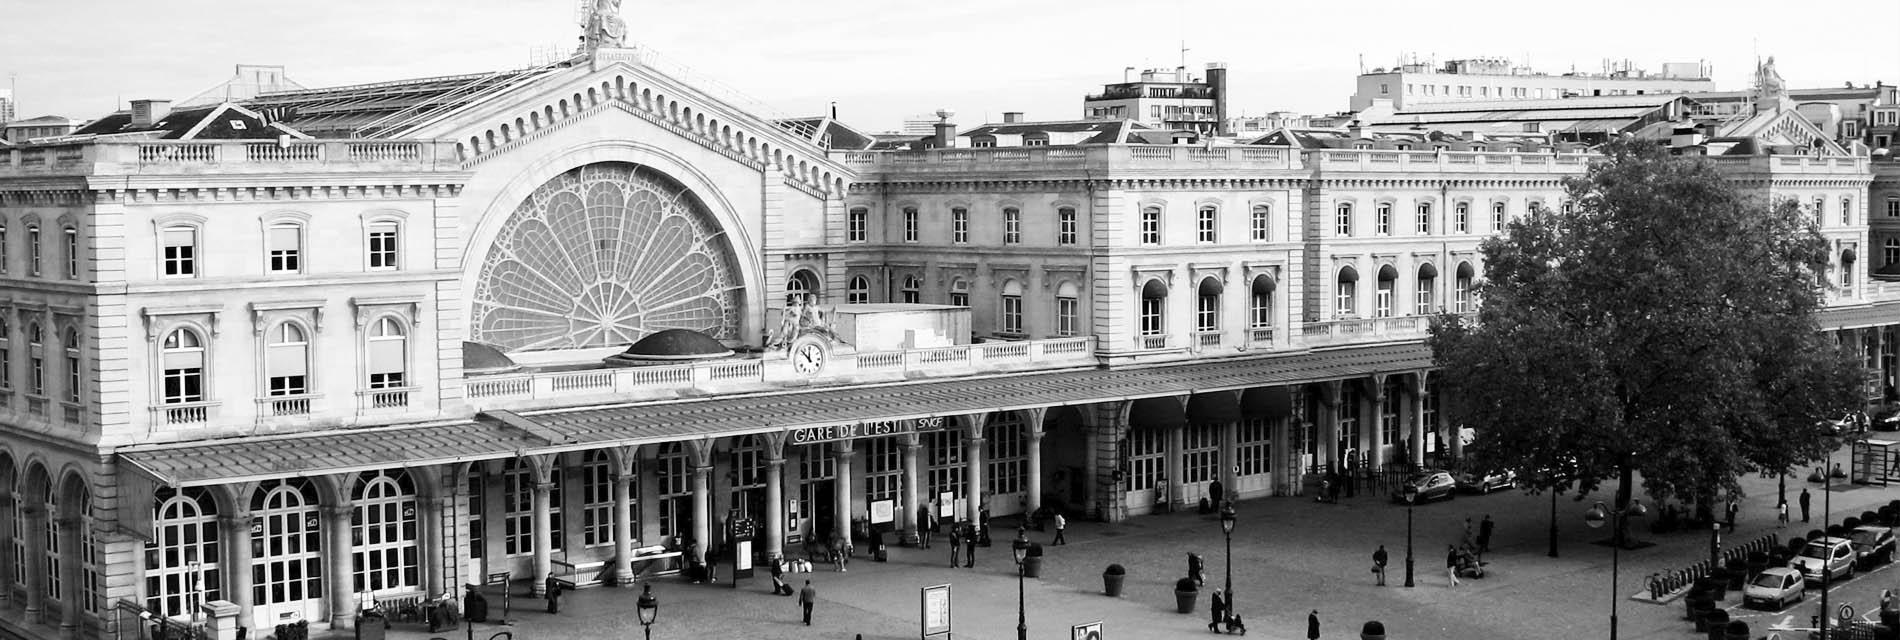 Votre navette Gare SNCF depuis Orléans vers Gare de l'Est à Paris dès 49€